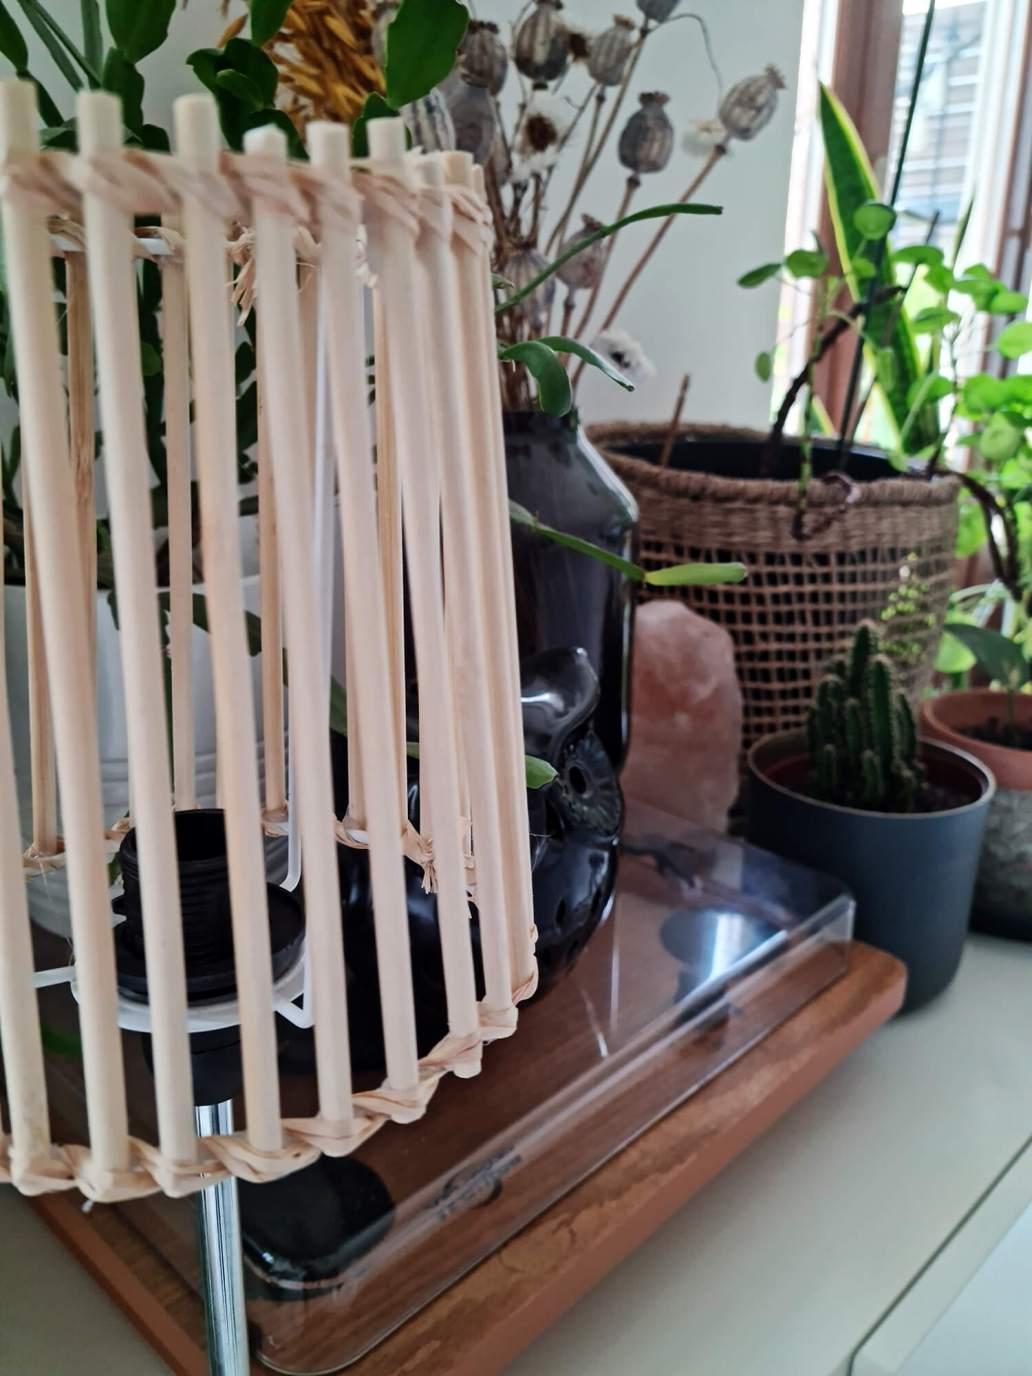 20210409 150905 - Fabriquer une lampe nature en bois pour diffuser une lumière douce